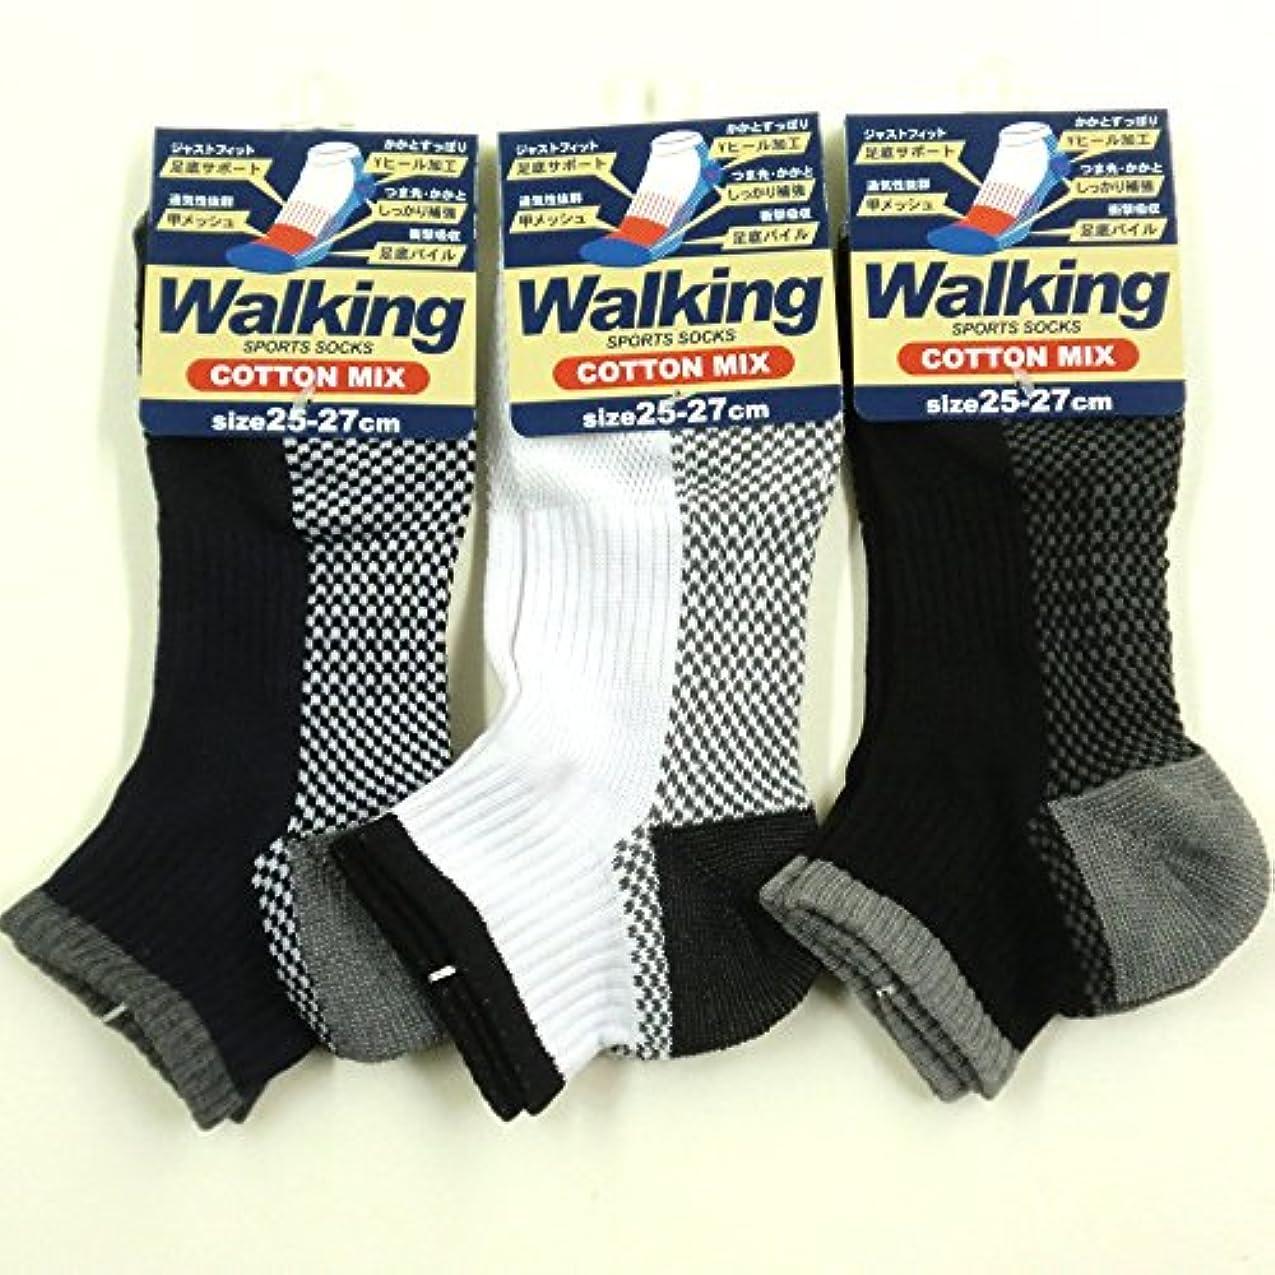 格納スコットランド人かすかなスニーカー ソックス メンズ ウォーキング 靴下 綿混 足底パイル 25-27cm 3足セット